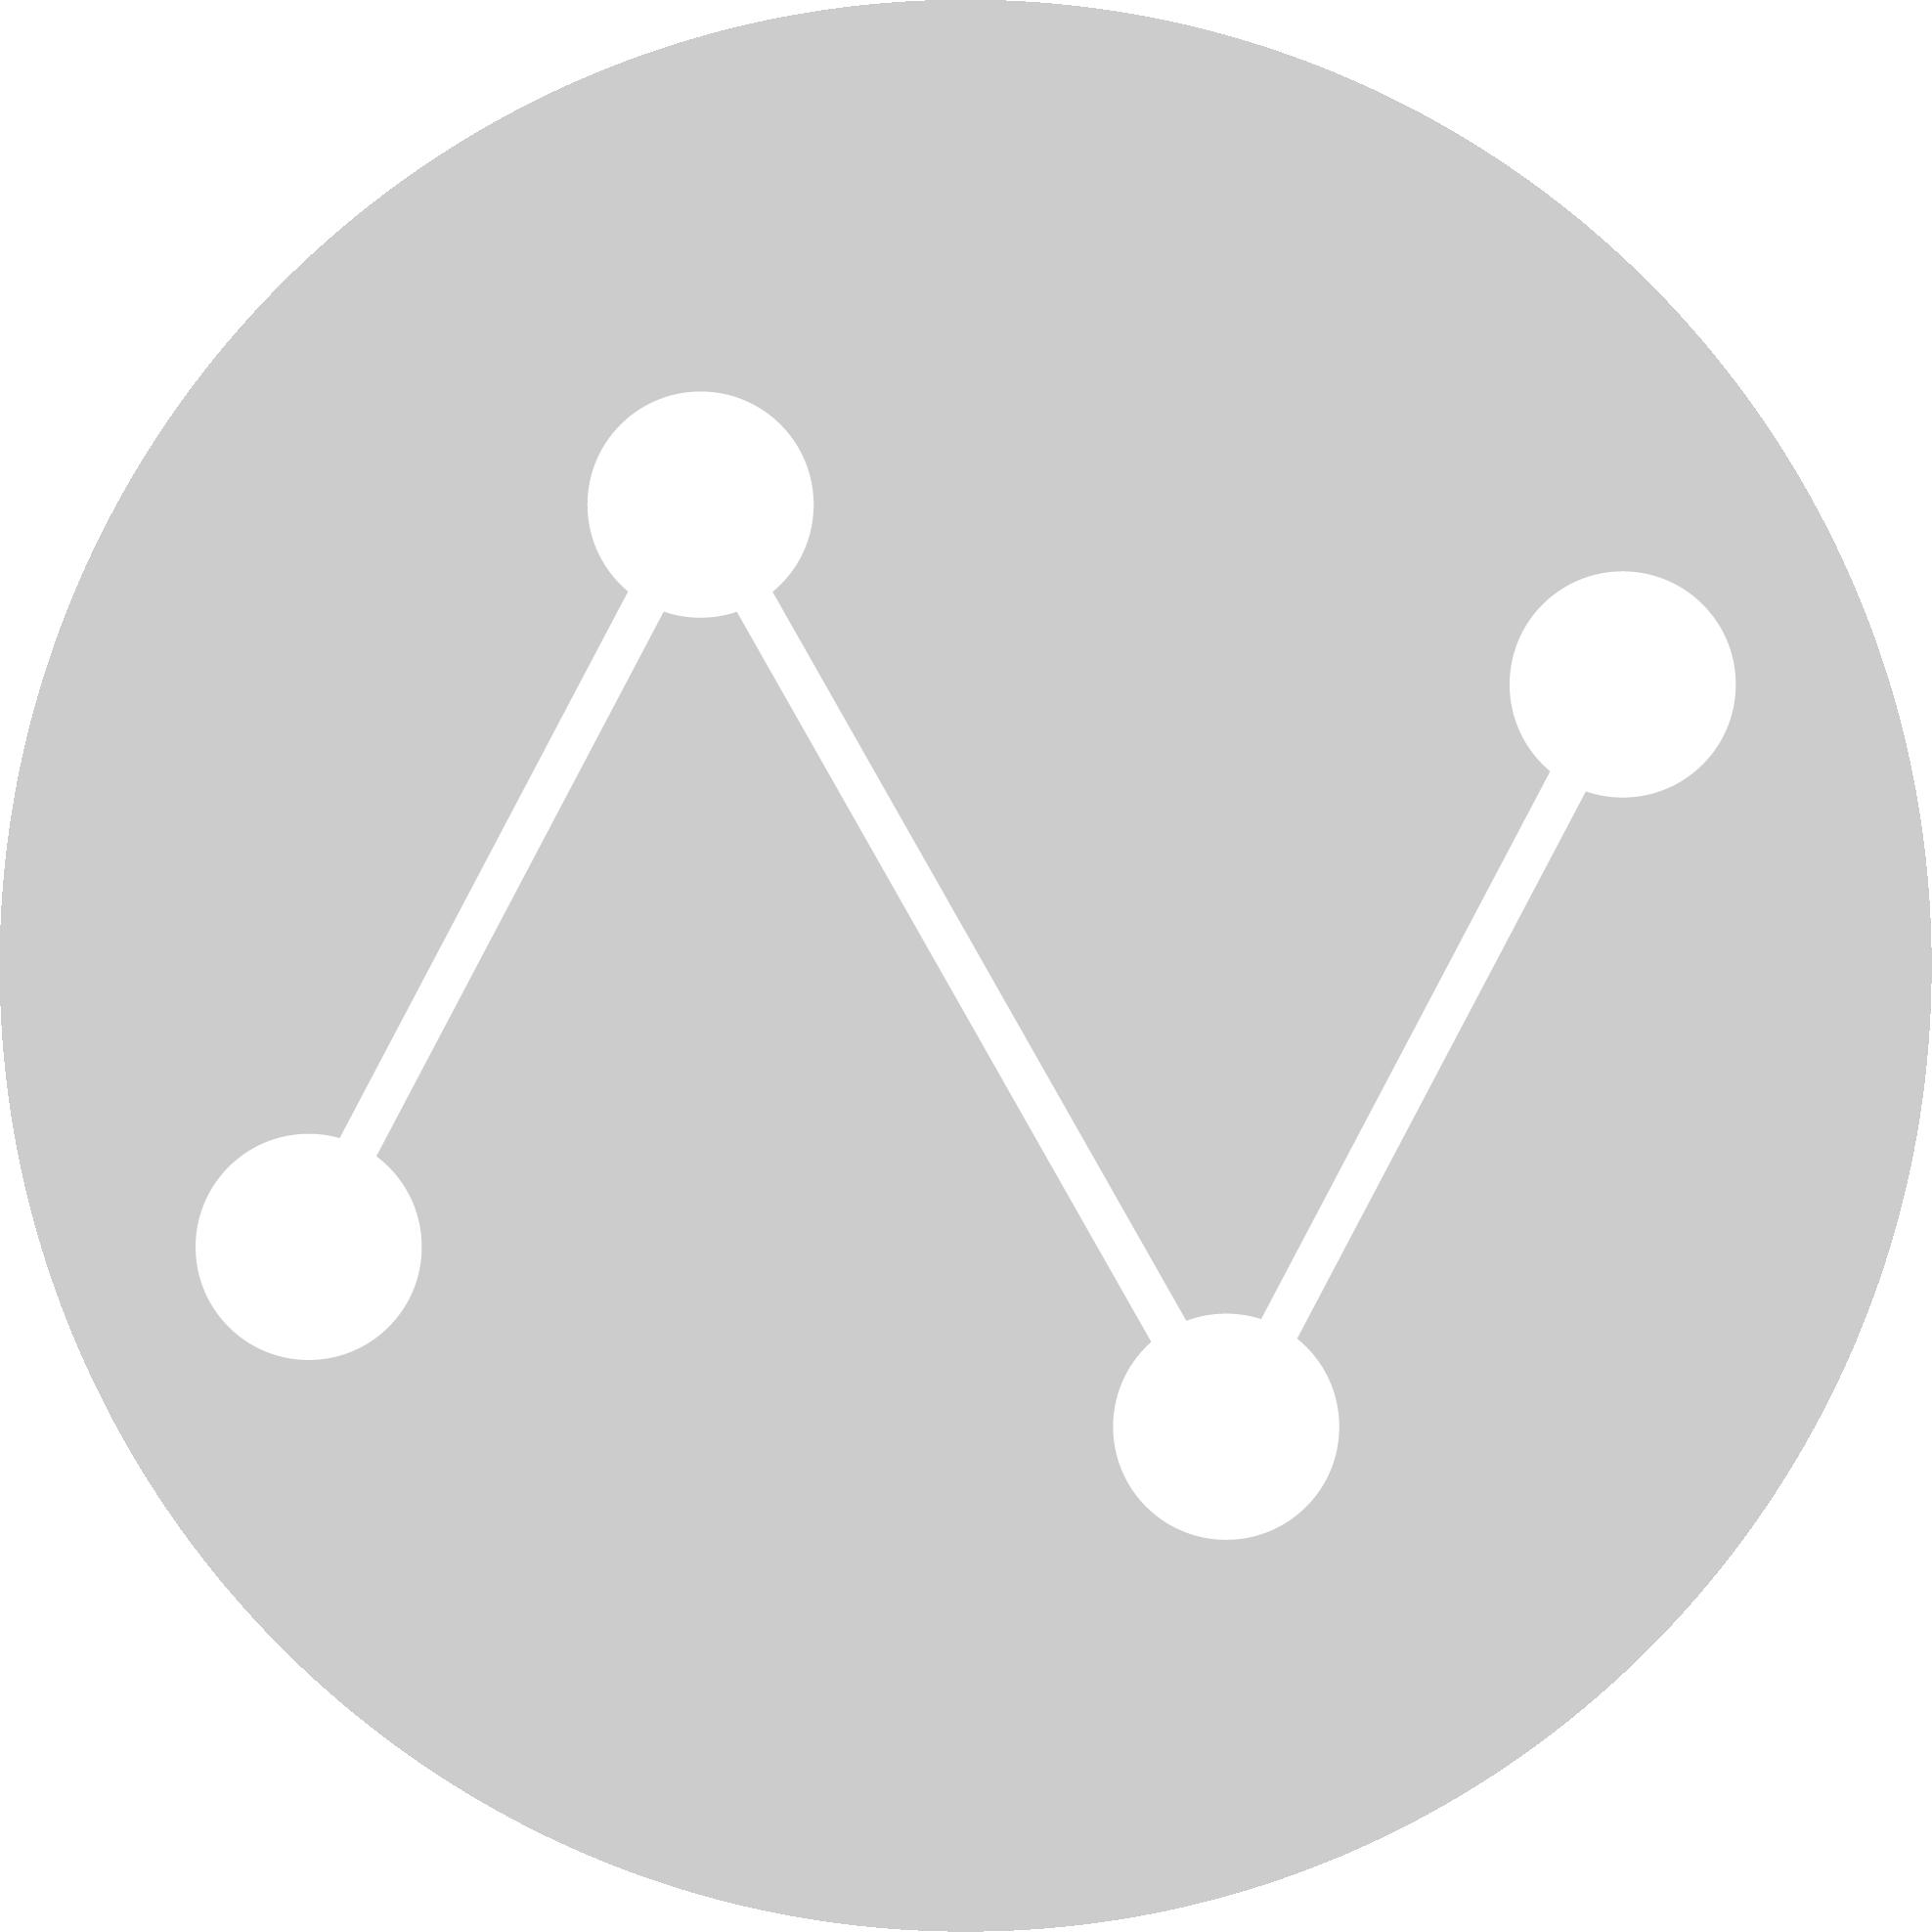 Quantitative-Data-Icon